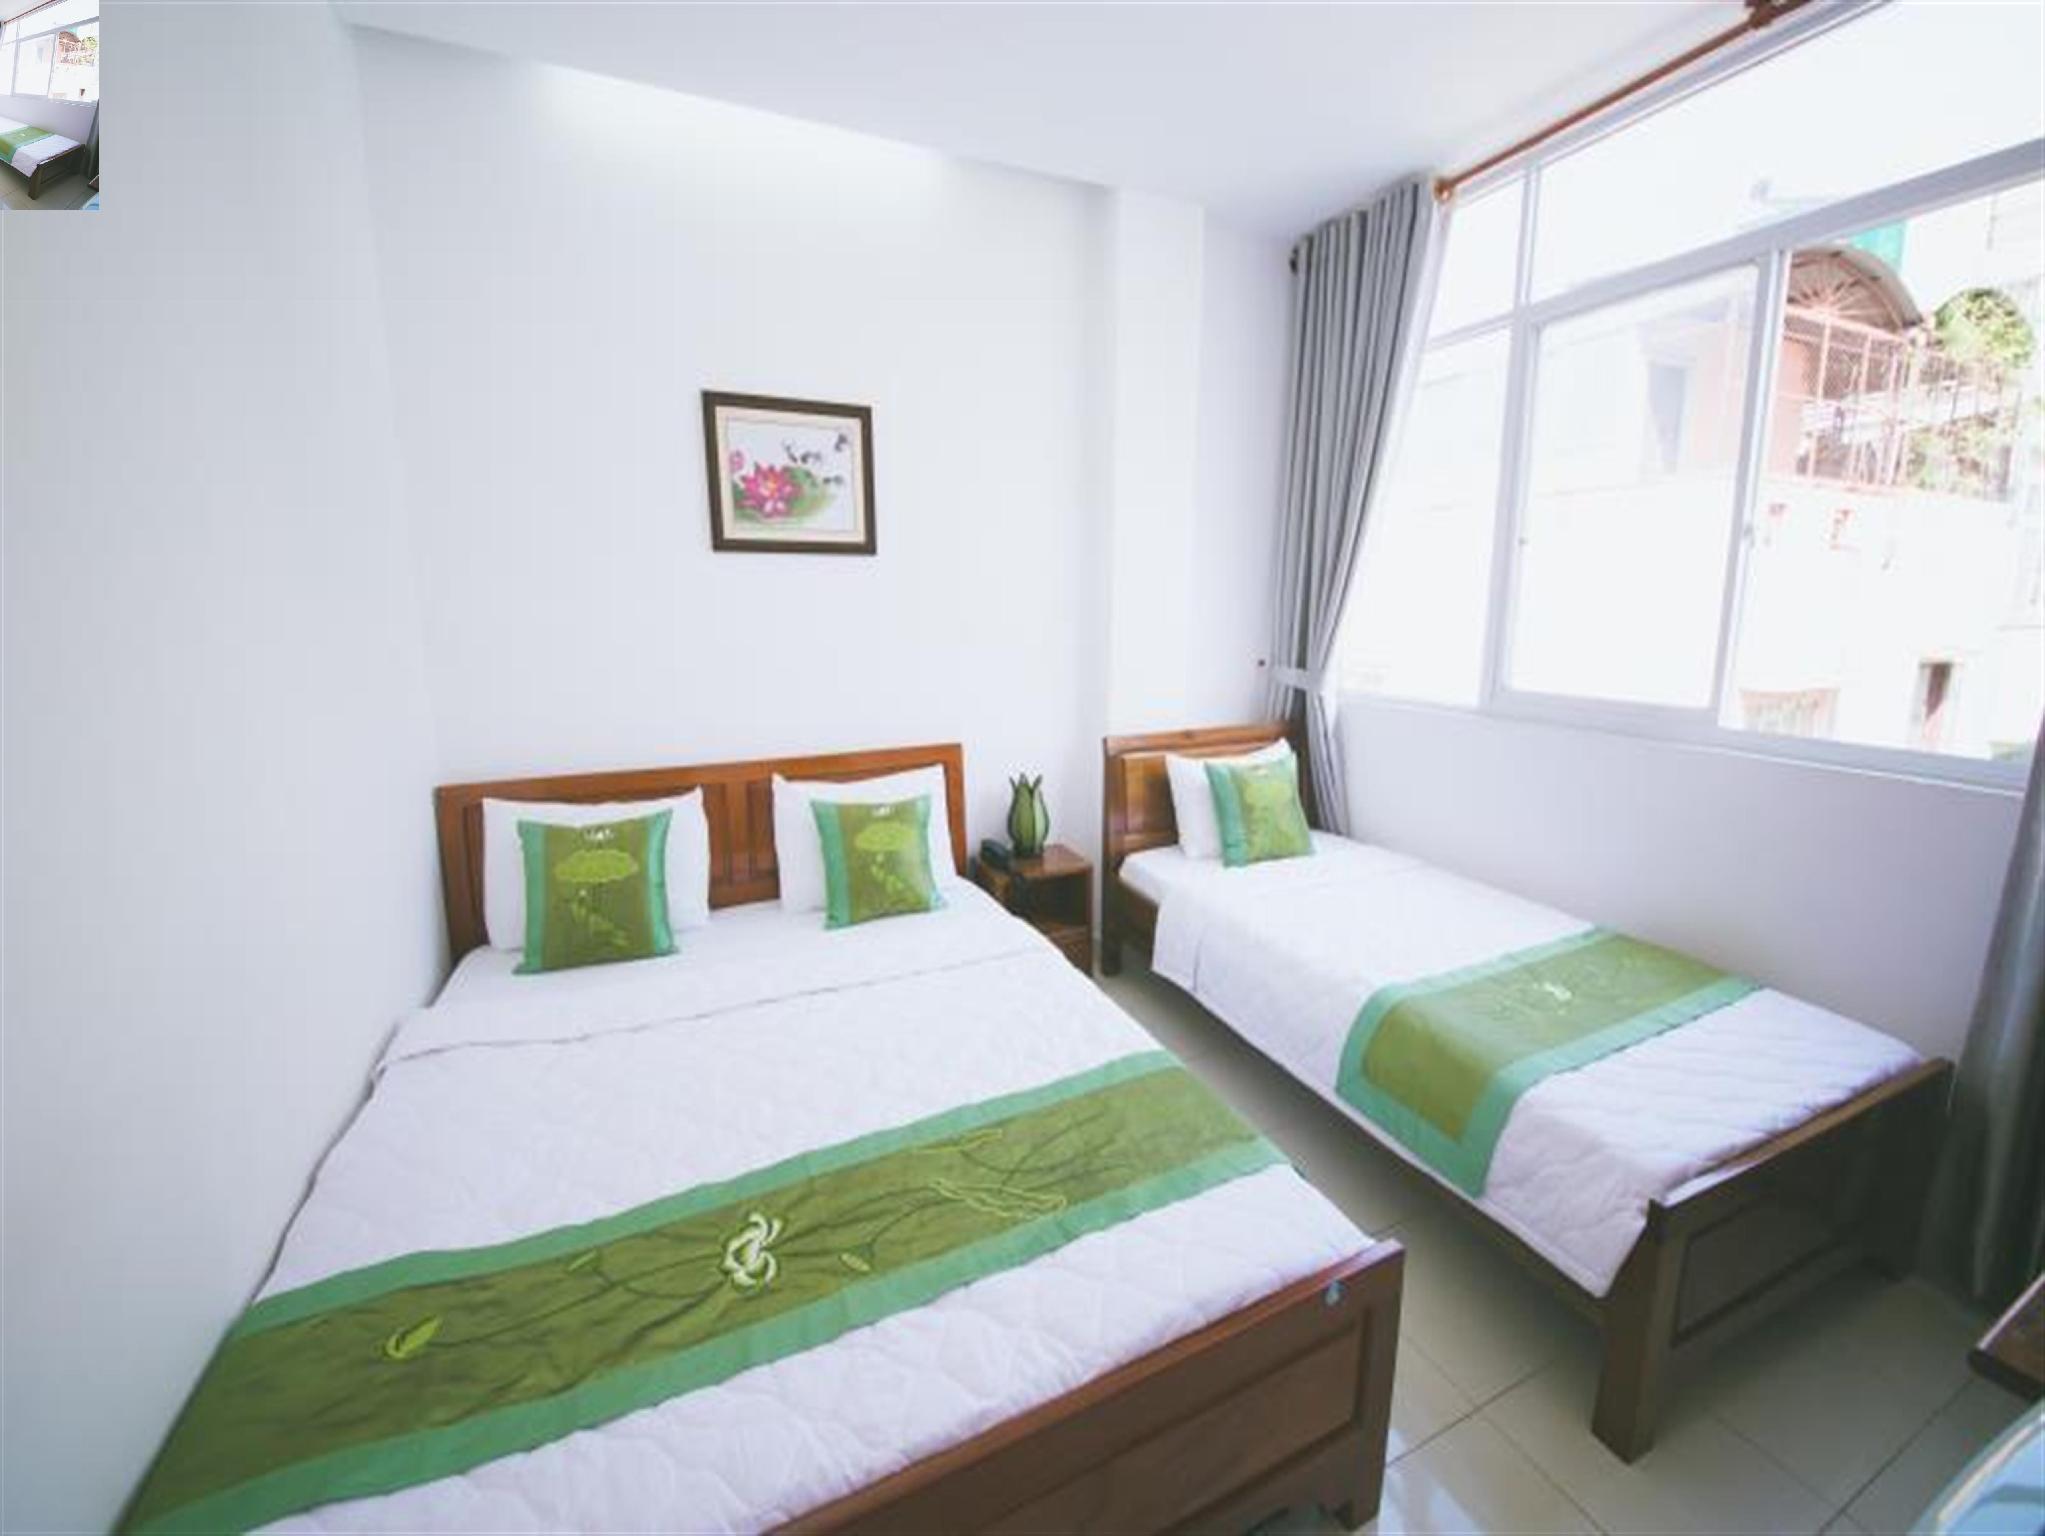 CK サイゴン セントラル ホテル16